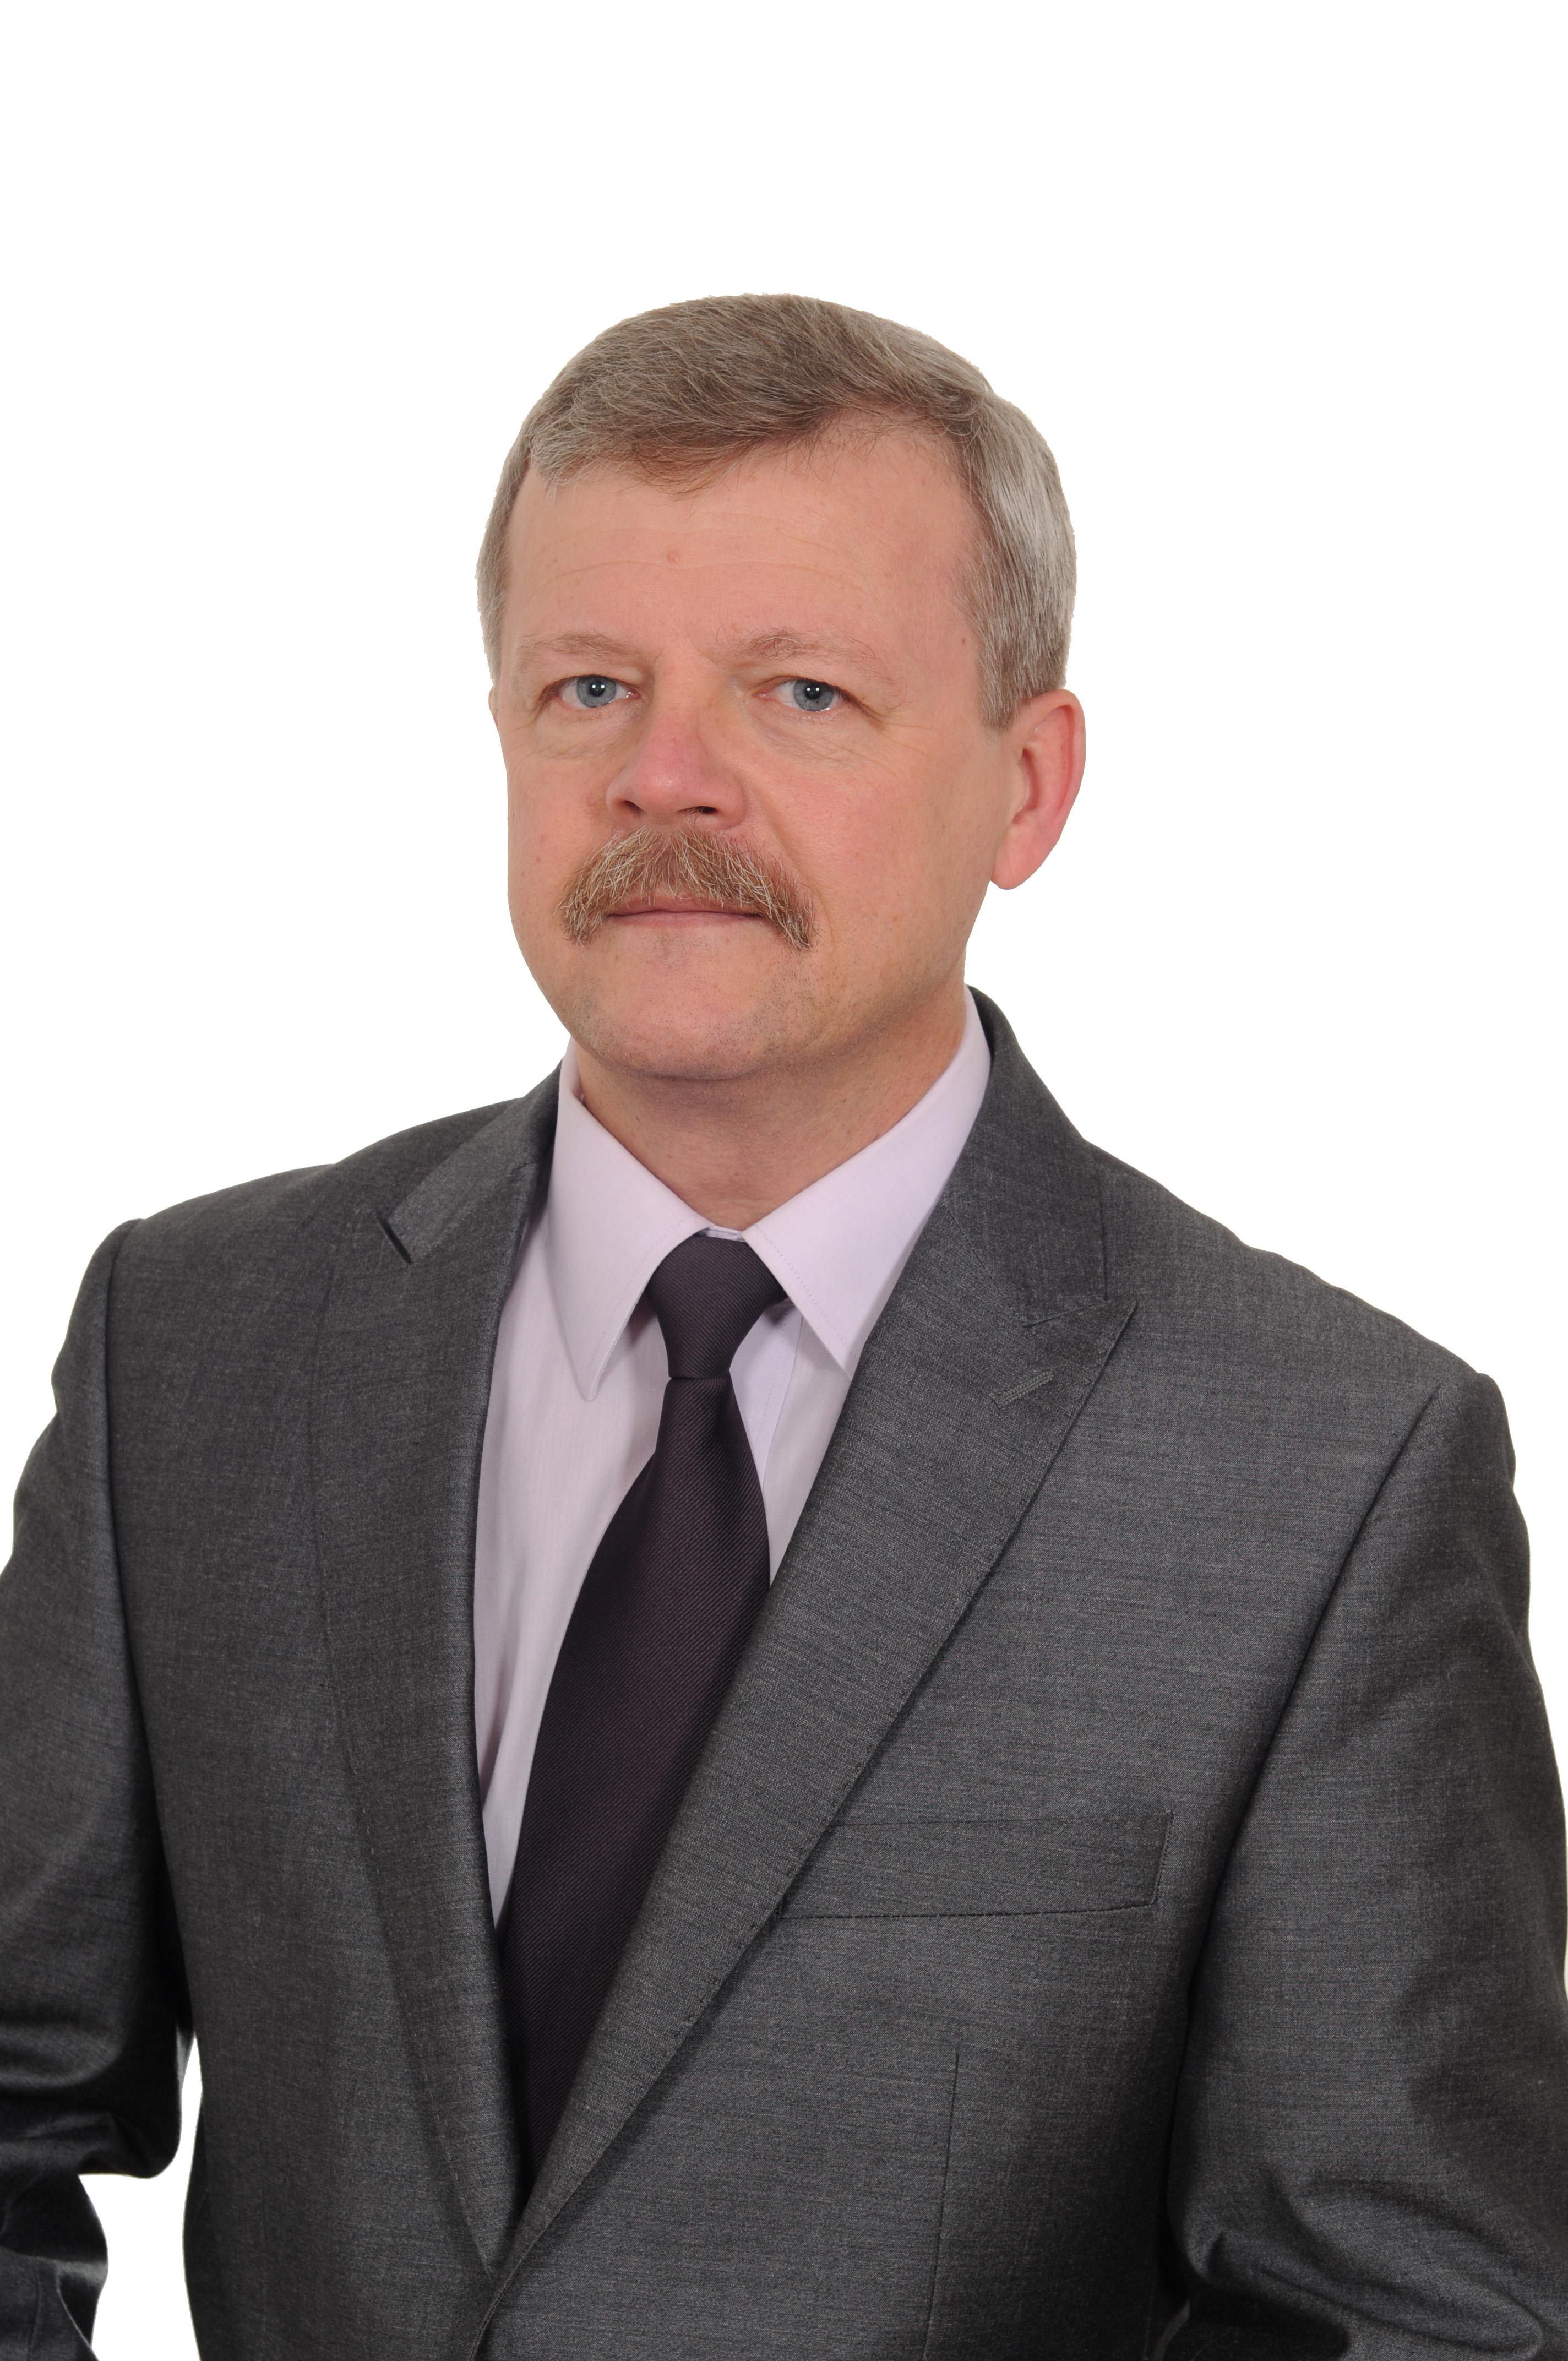 Krzysztof Sosnowski - Doradca Klienta Auxilia